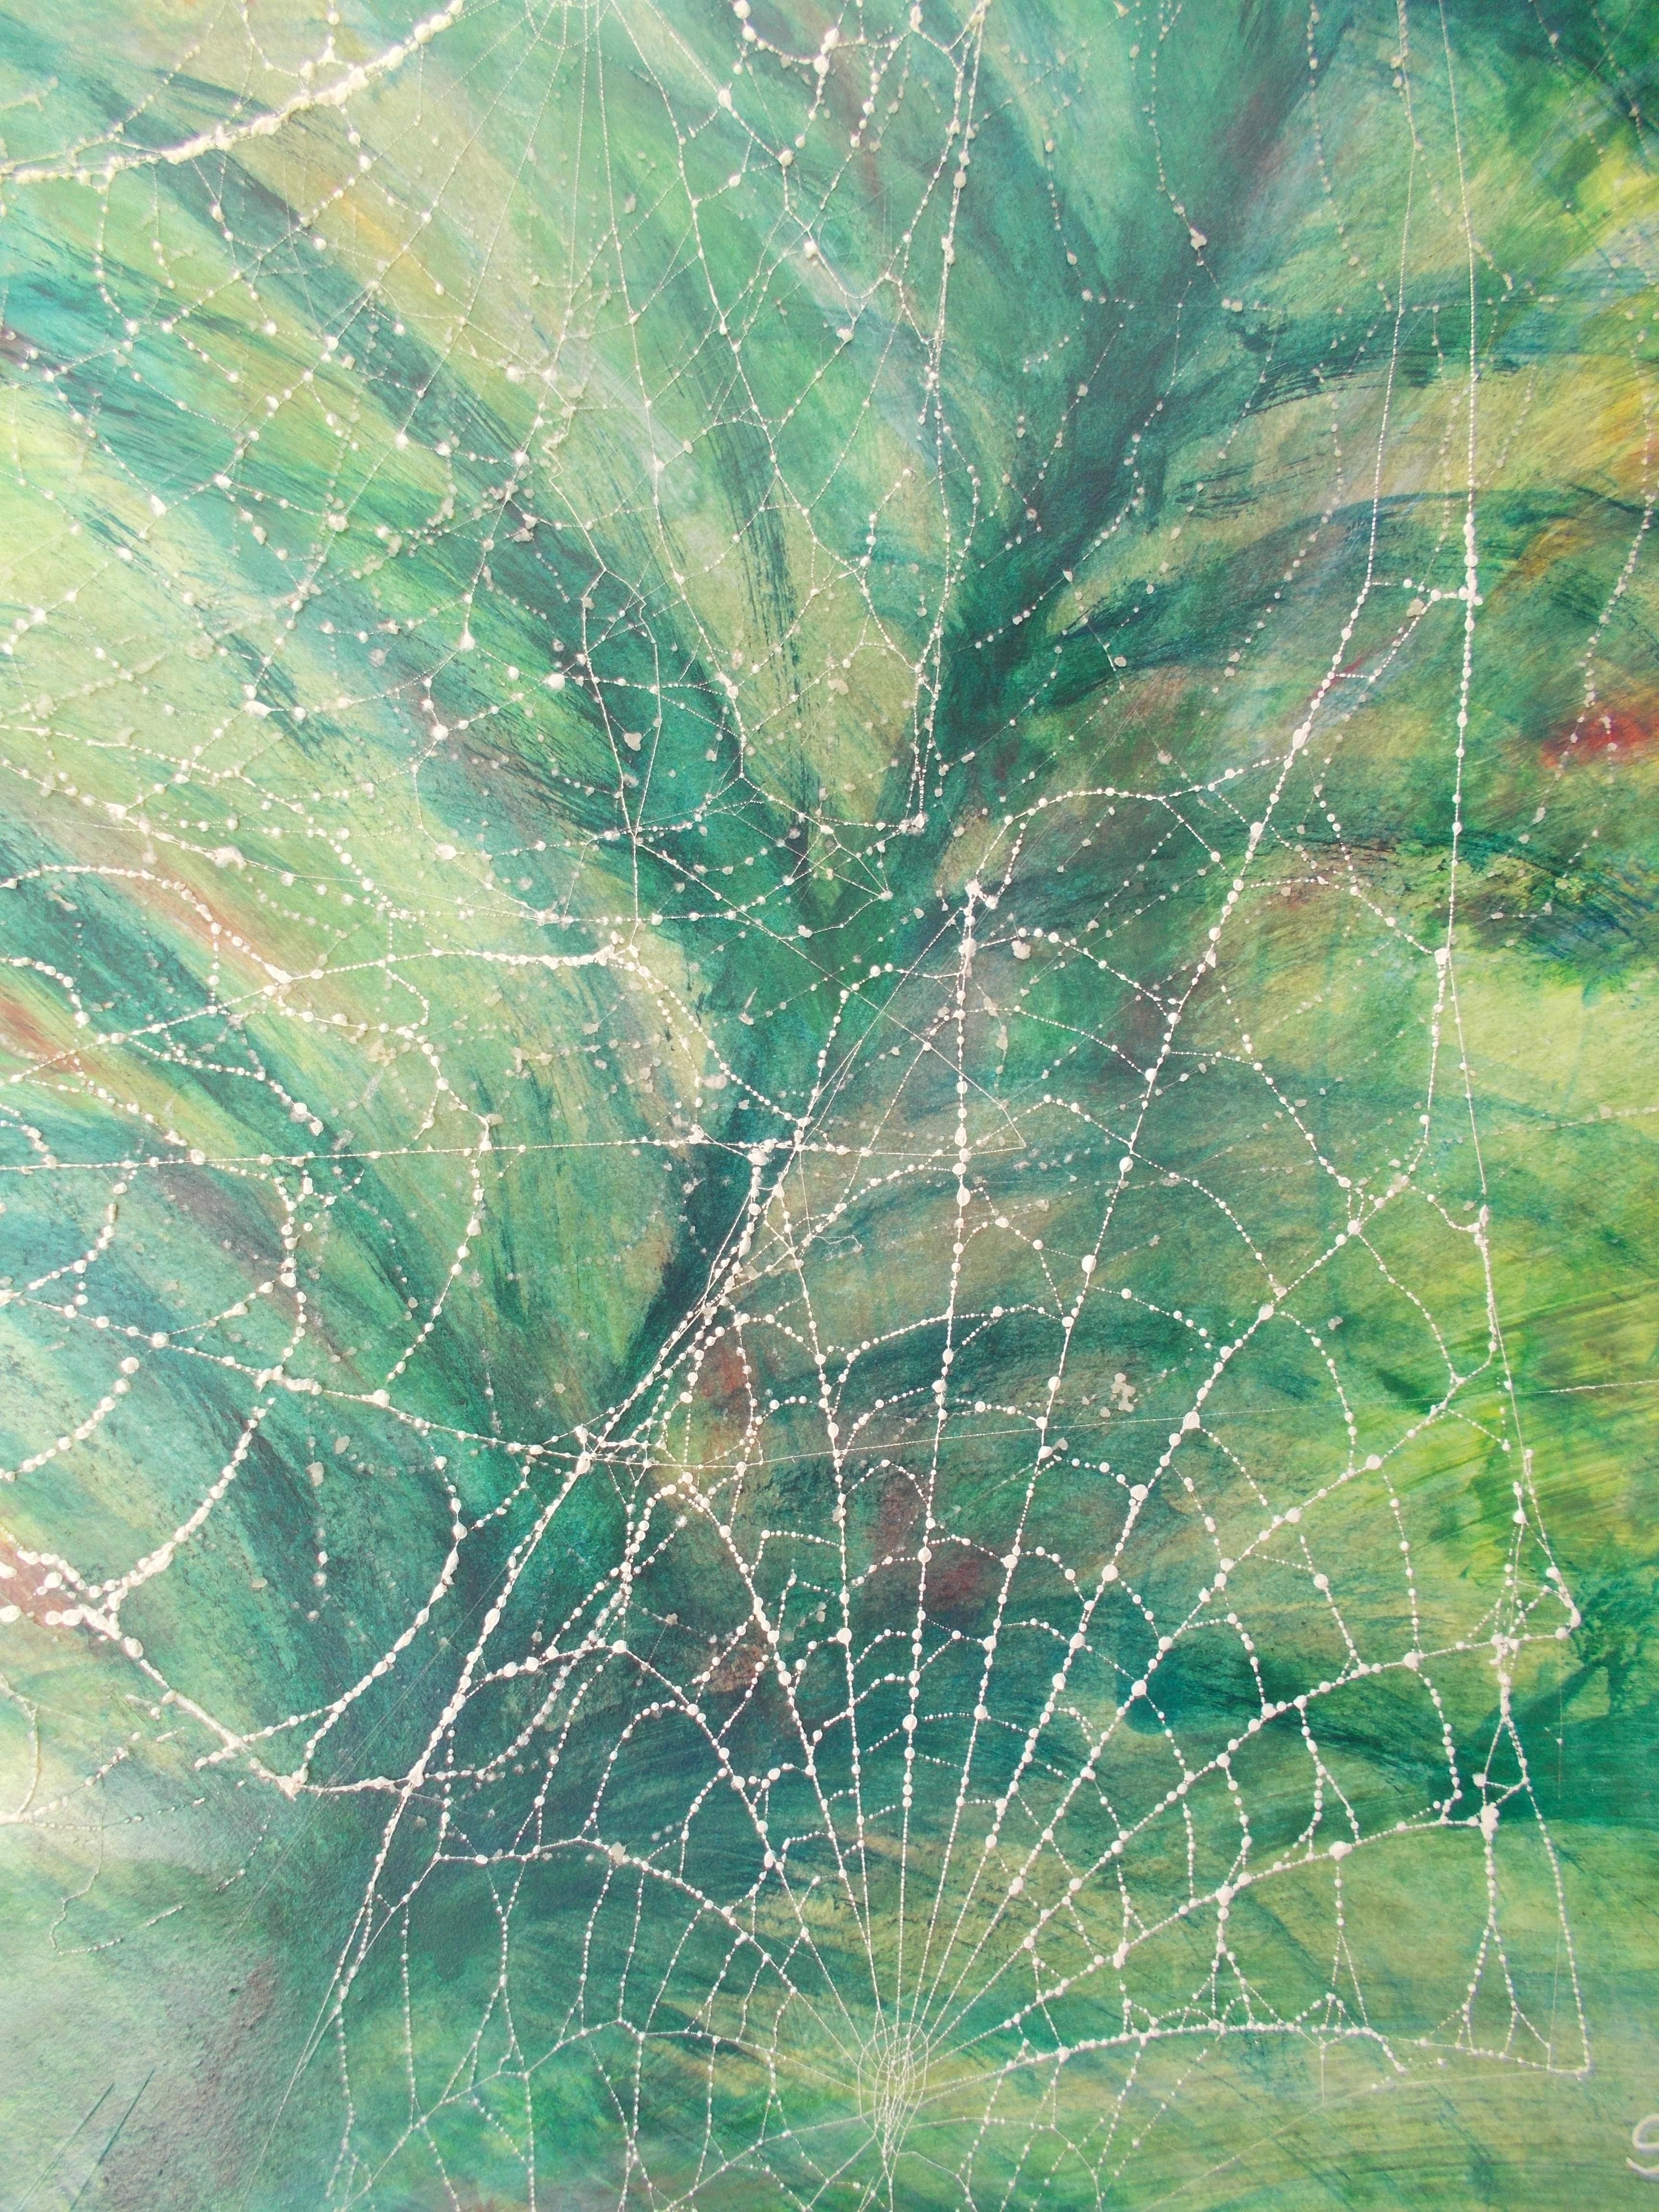 Hintergrund gemalt mit Netzz